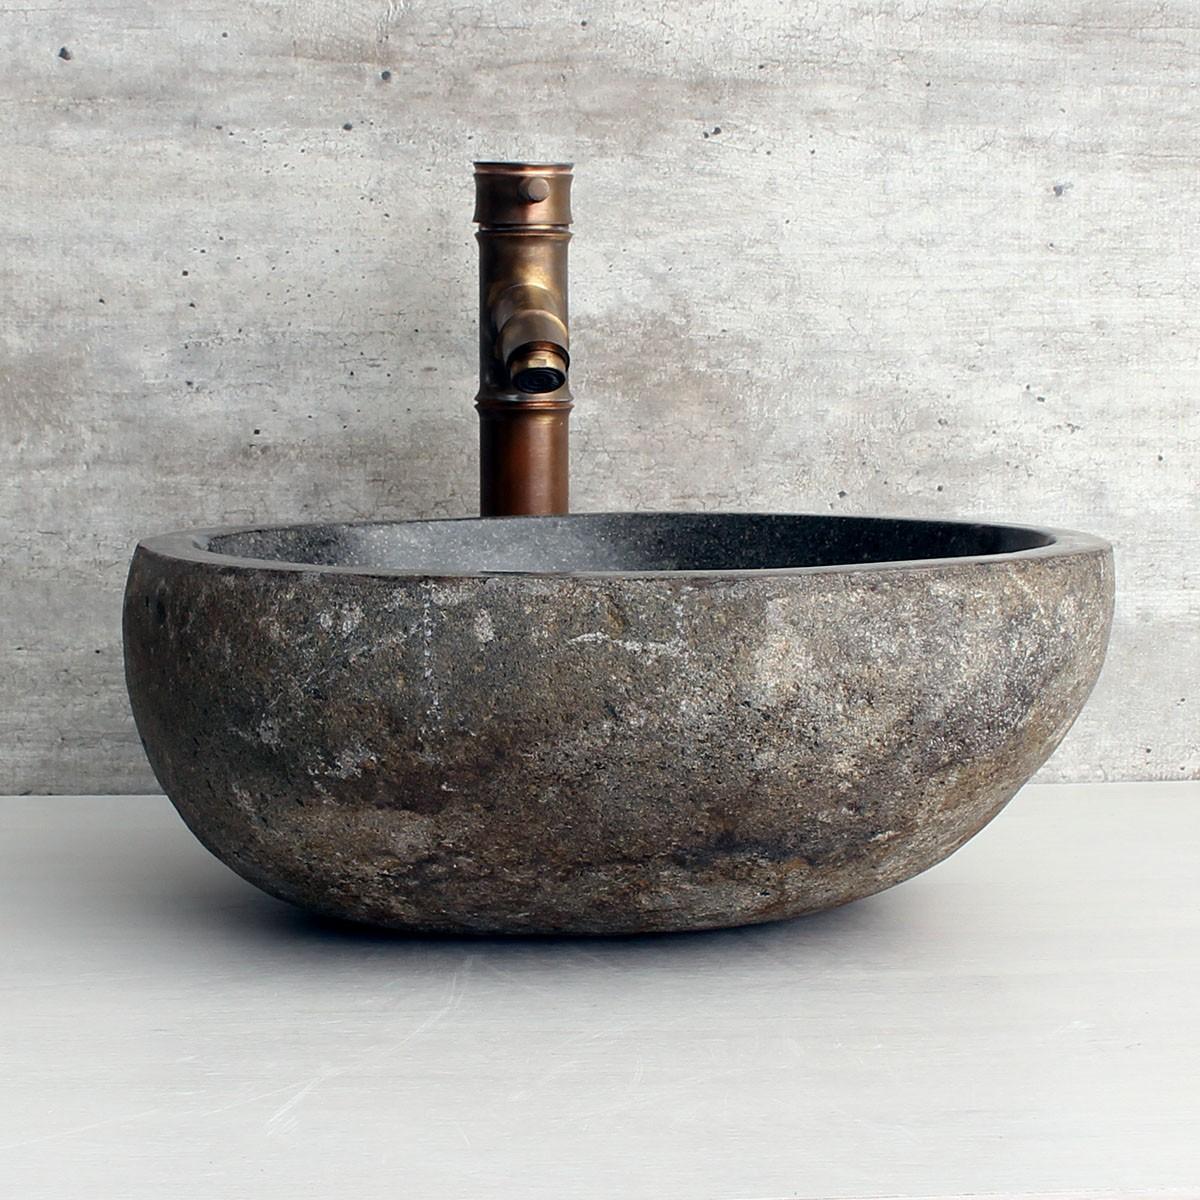 Cuba de Banheiro em Pedra Natural RS1177-L 38x36x15cm